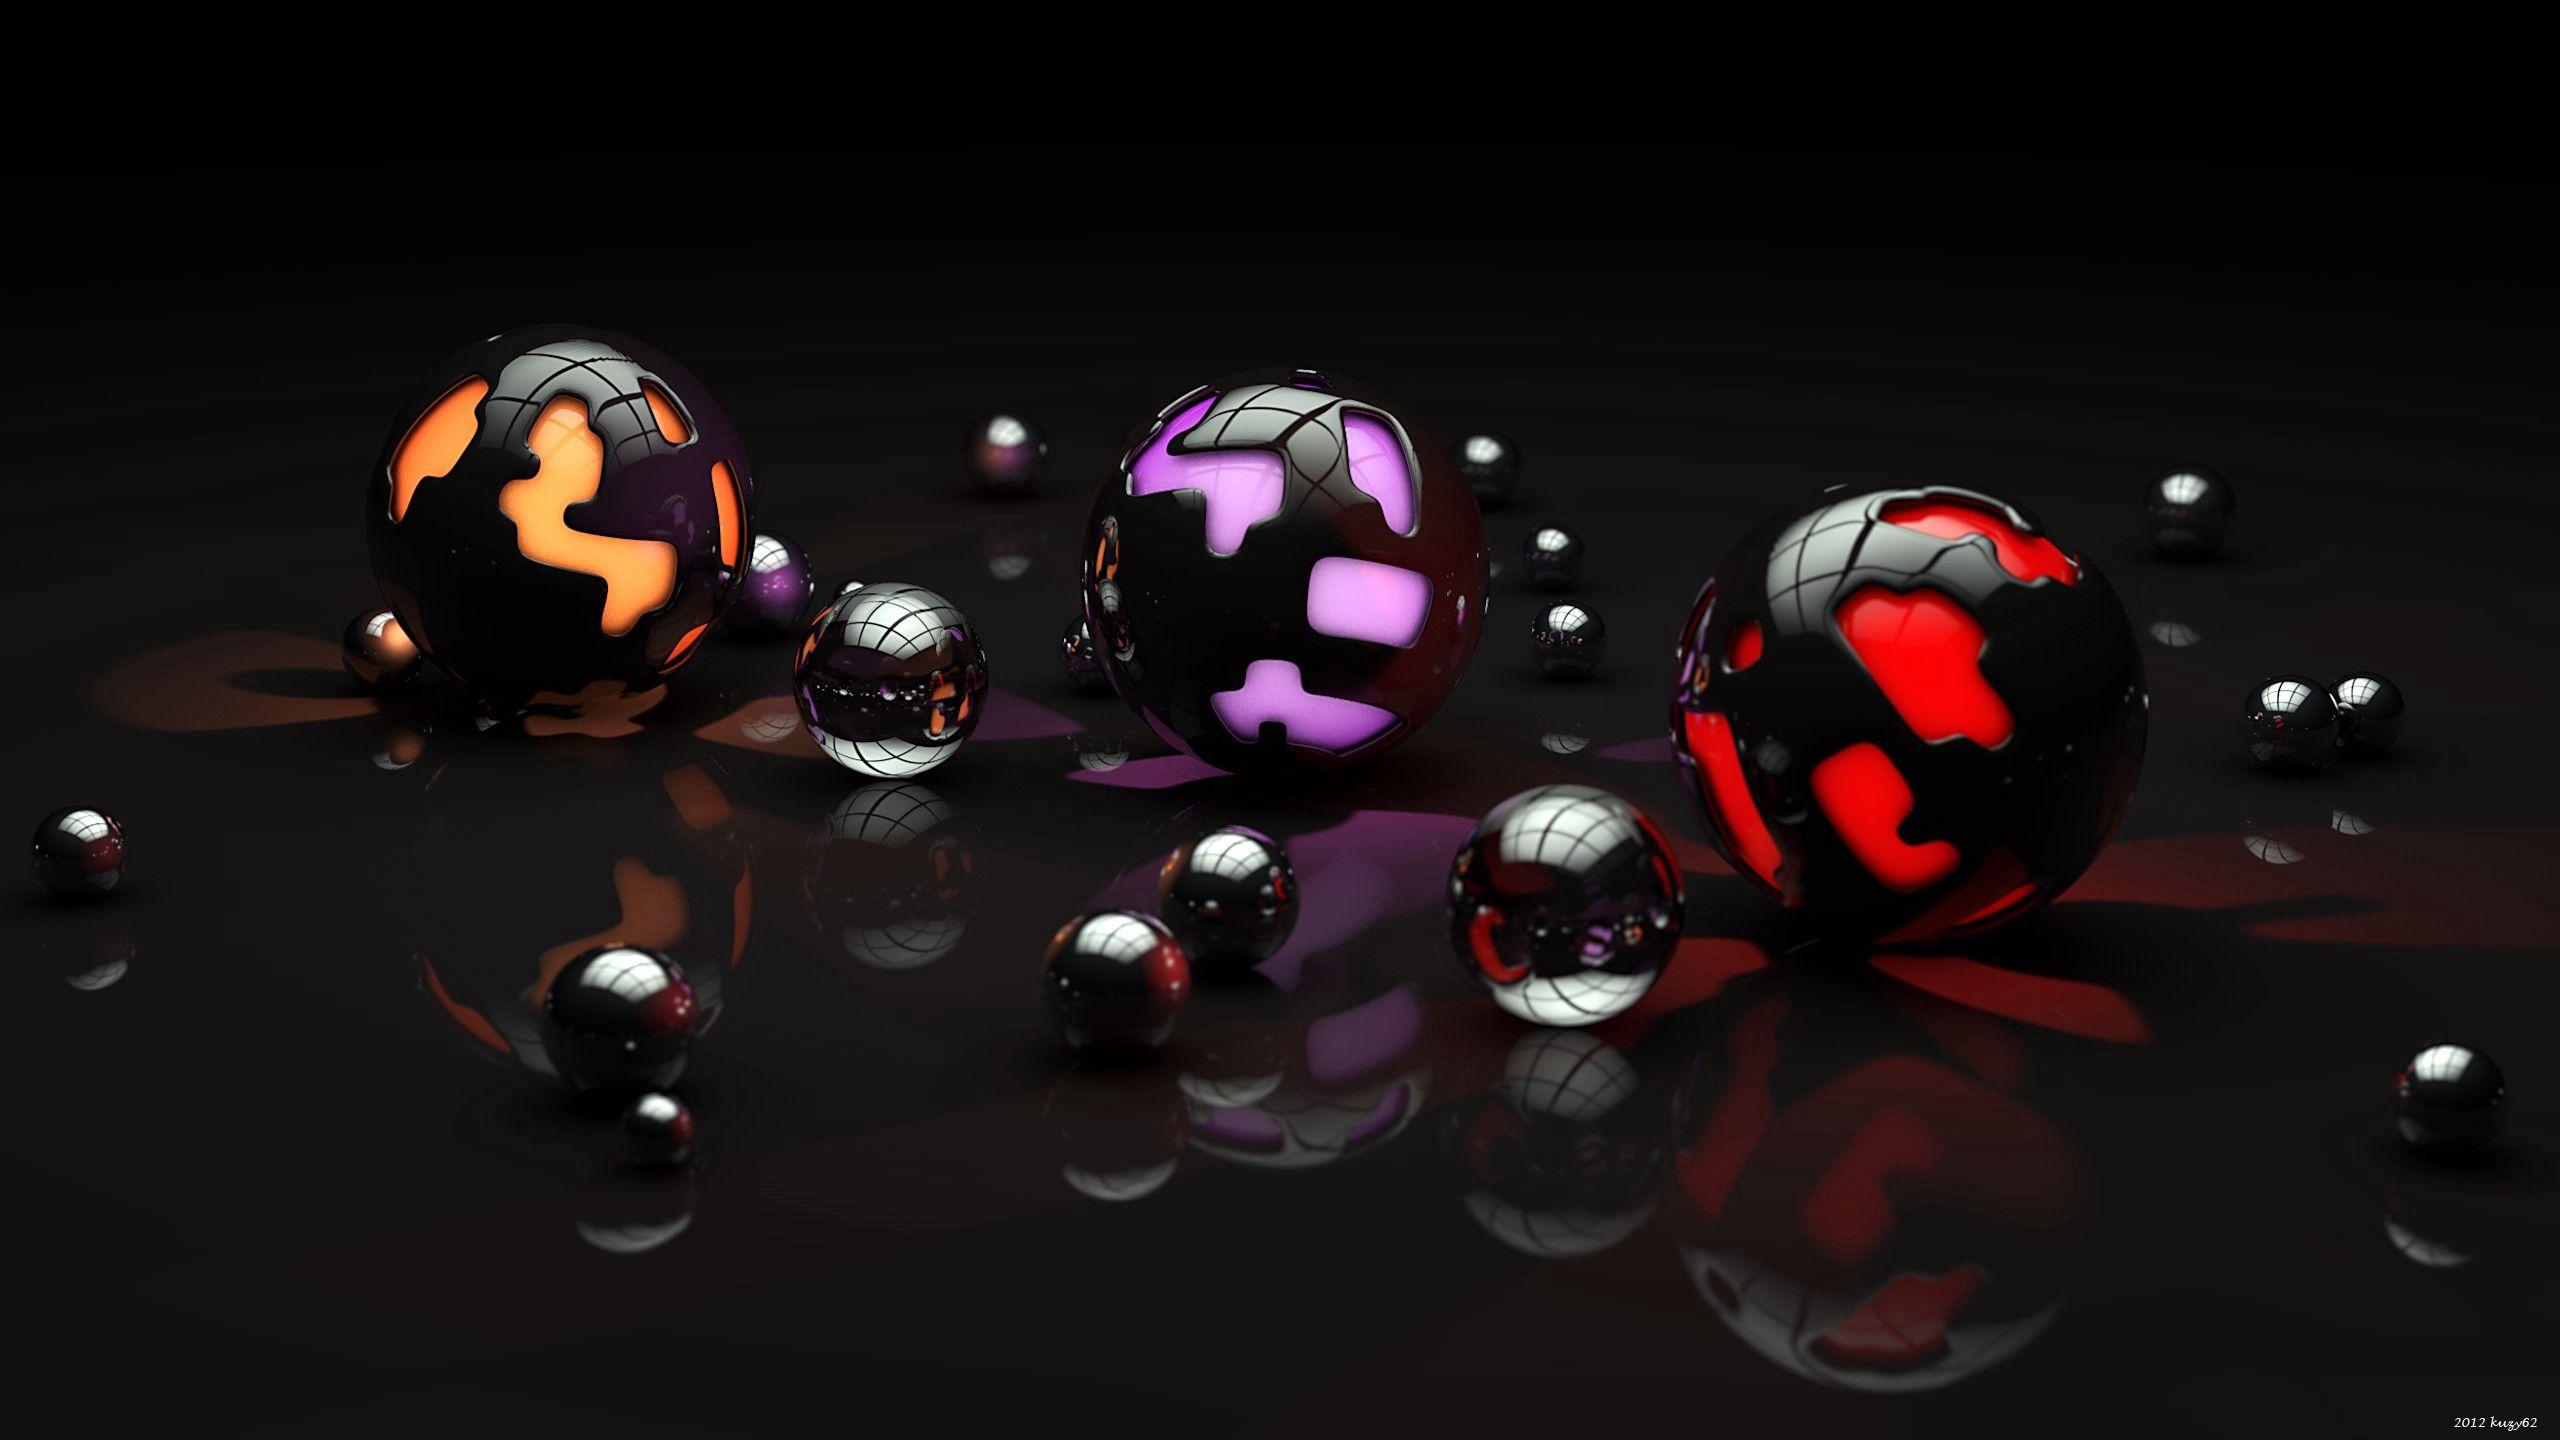 83733 économiseurs d'écran et fonds d'écran 3D sur votre téléphone. Téléchargez 3D, Sombre, Briller, Lumière, Forme, Formes, Des Balles, Balles images gratuitement